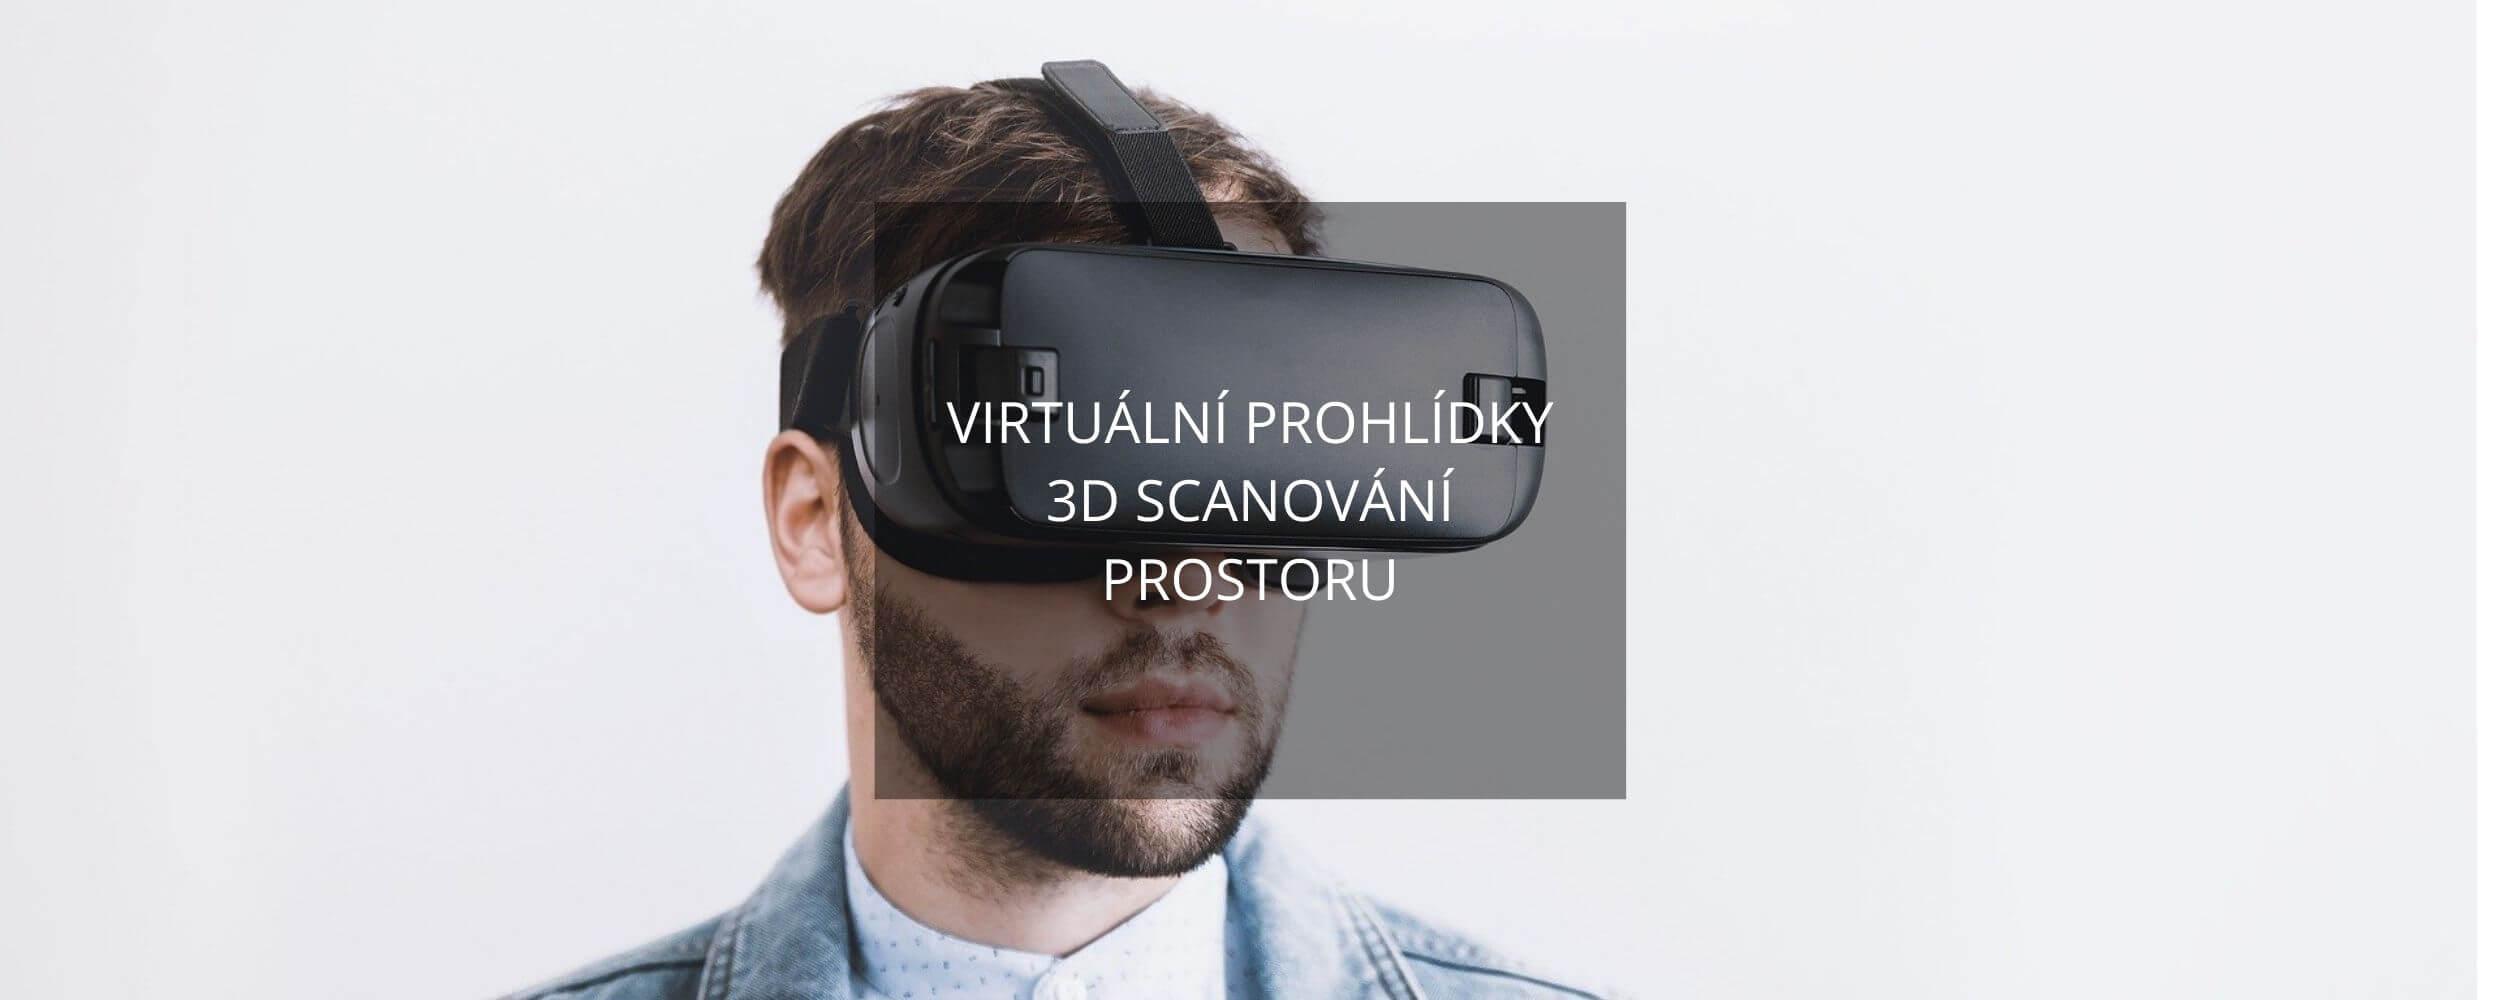 VIRTUÁLNÍ PROHLÍDKY 3D SCANOVÁNÍ